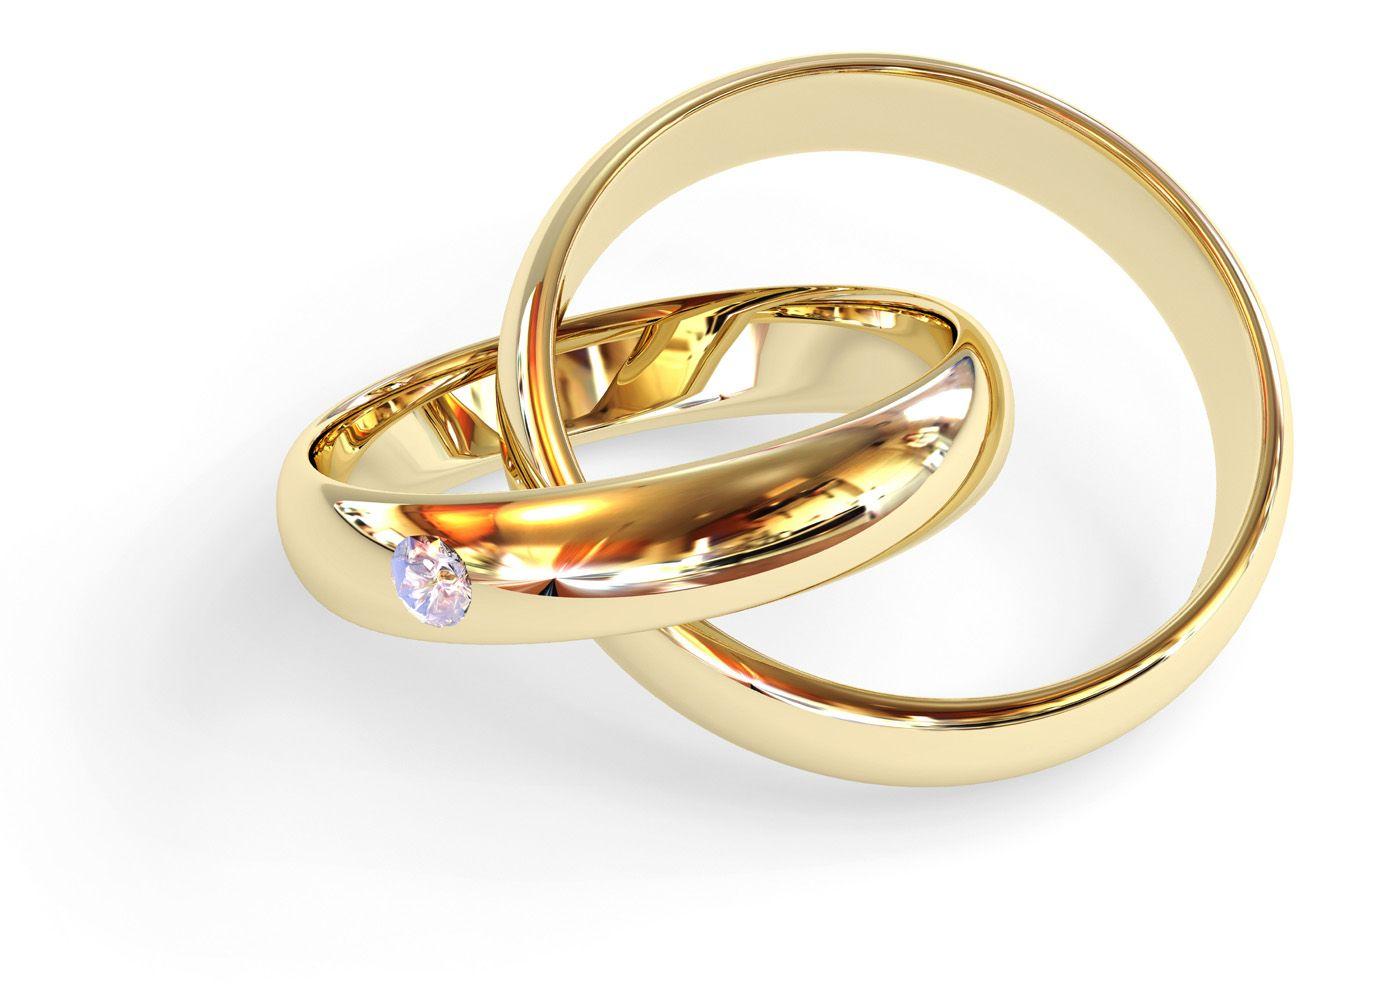 anillos de matrimonio wedding rings | wedding photos - pictures